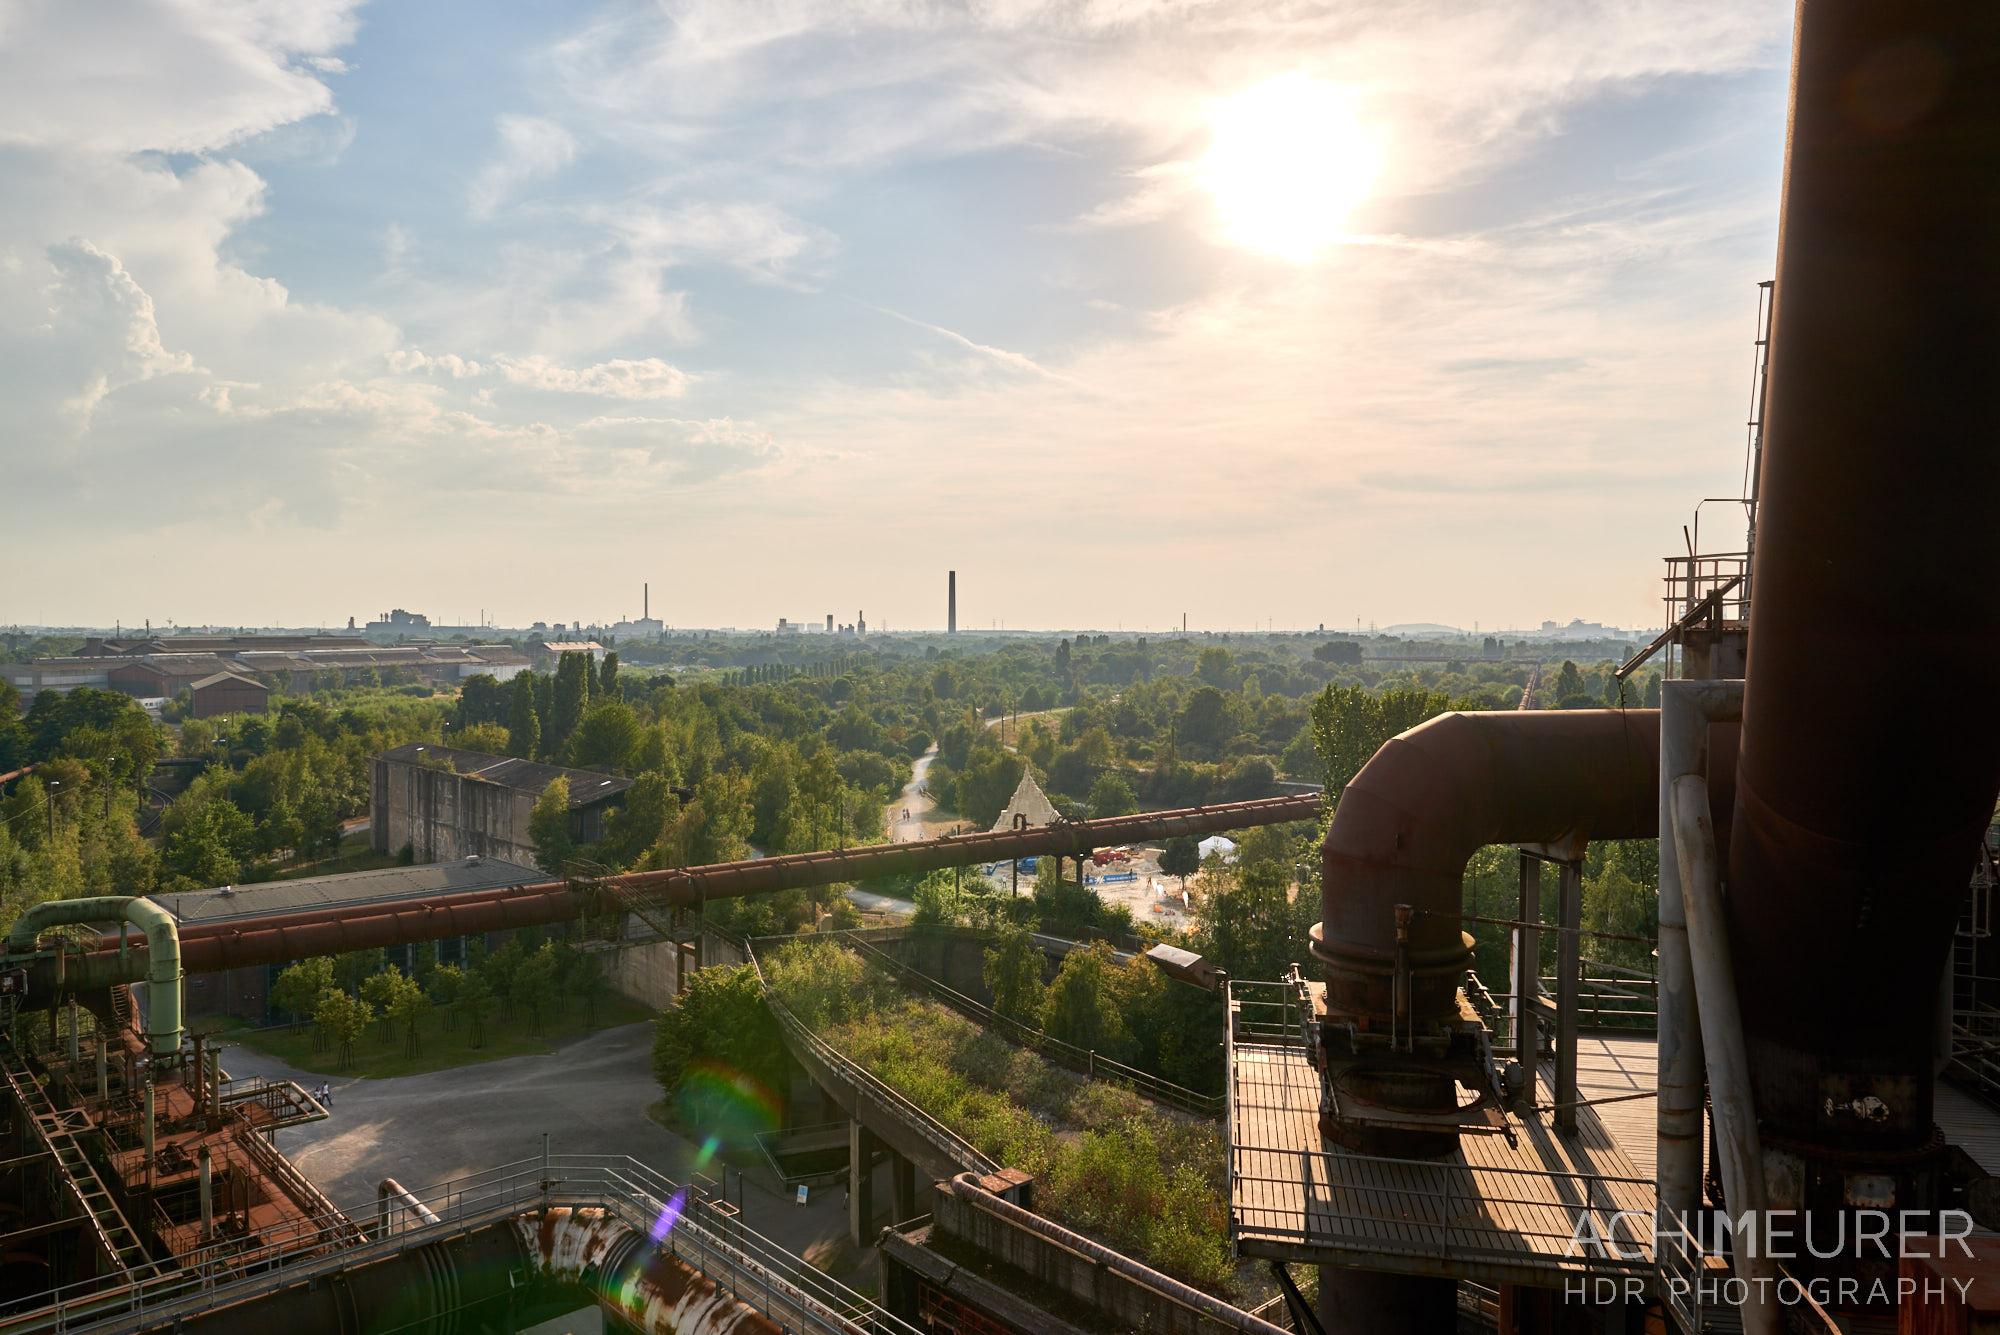 Landschaftspark Nord in Duisburg im Ruhrgebiet